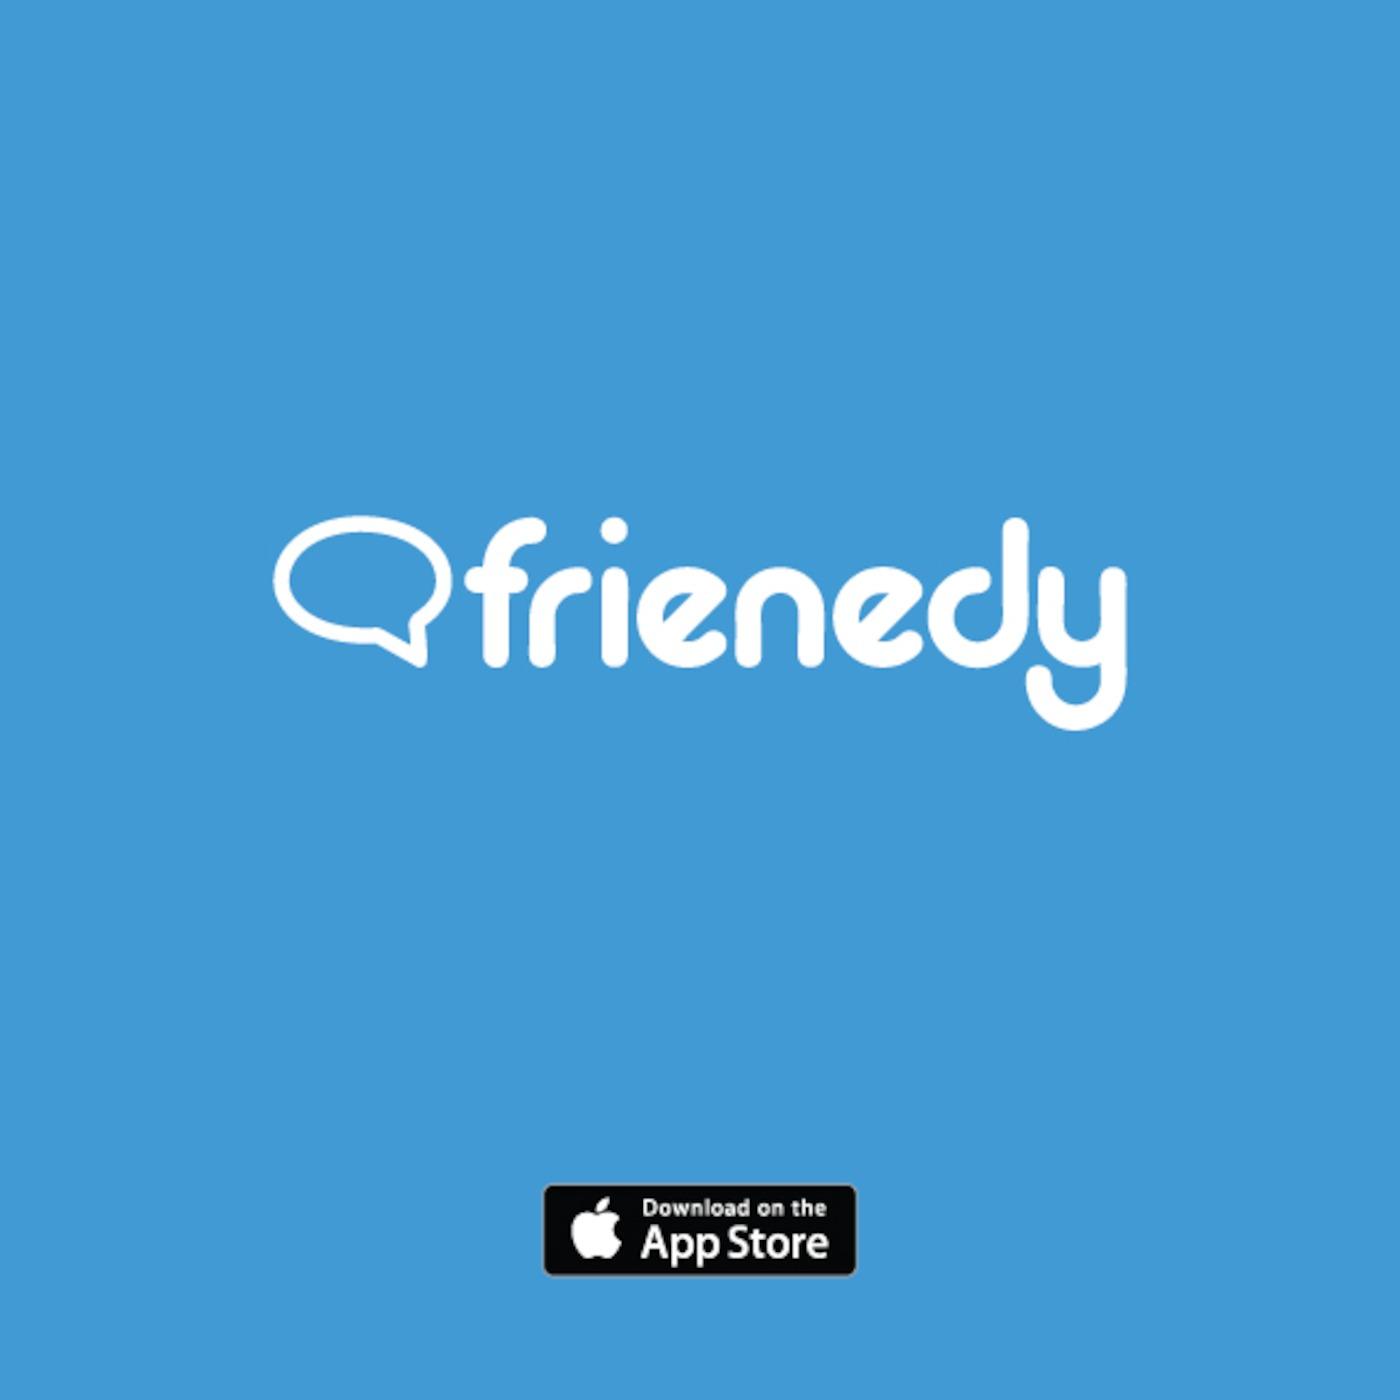 Frienedy